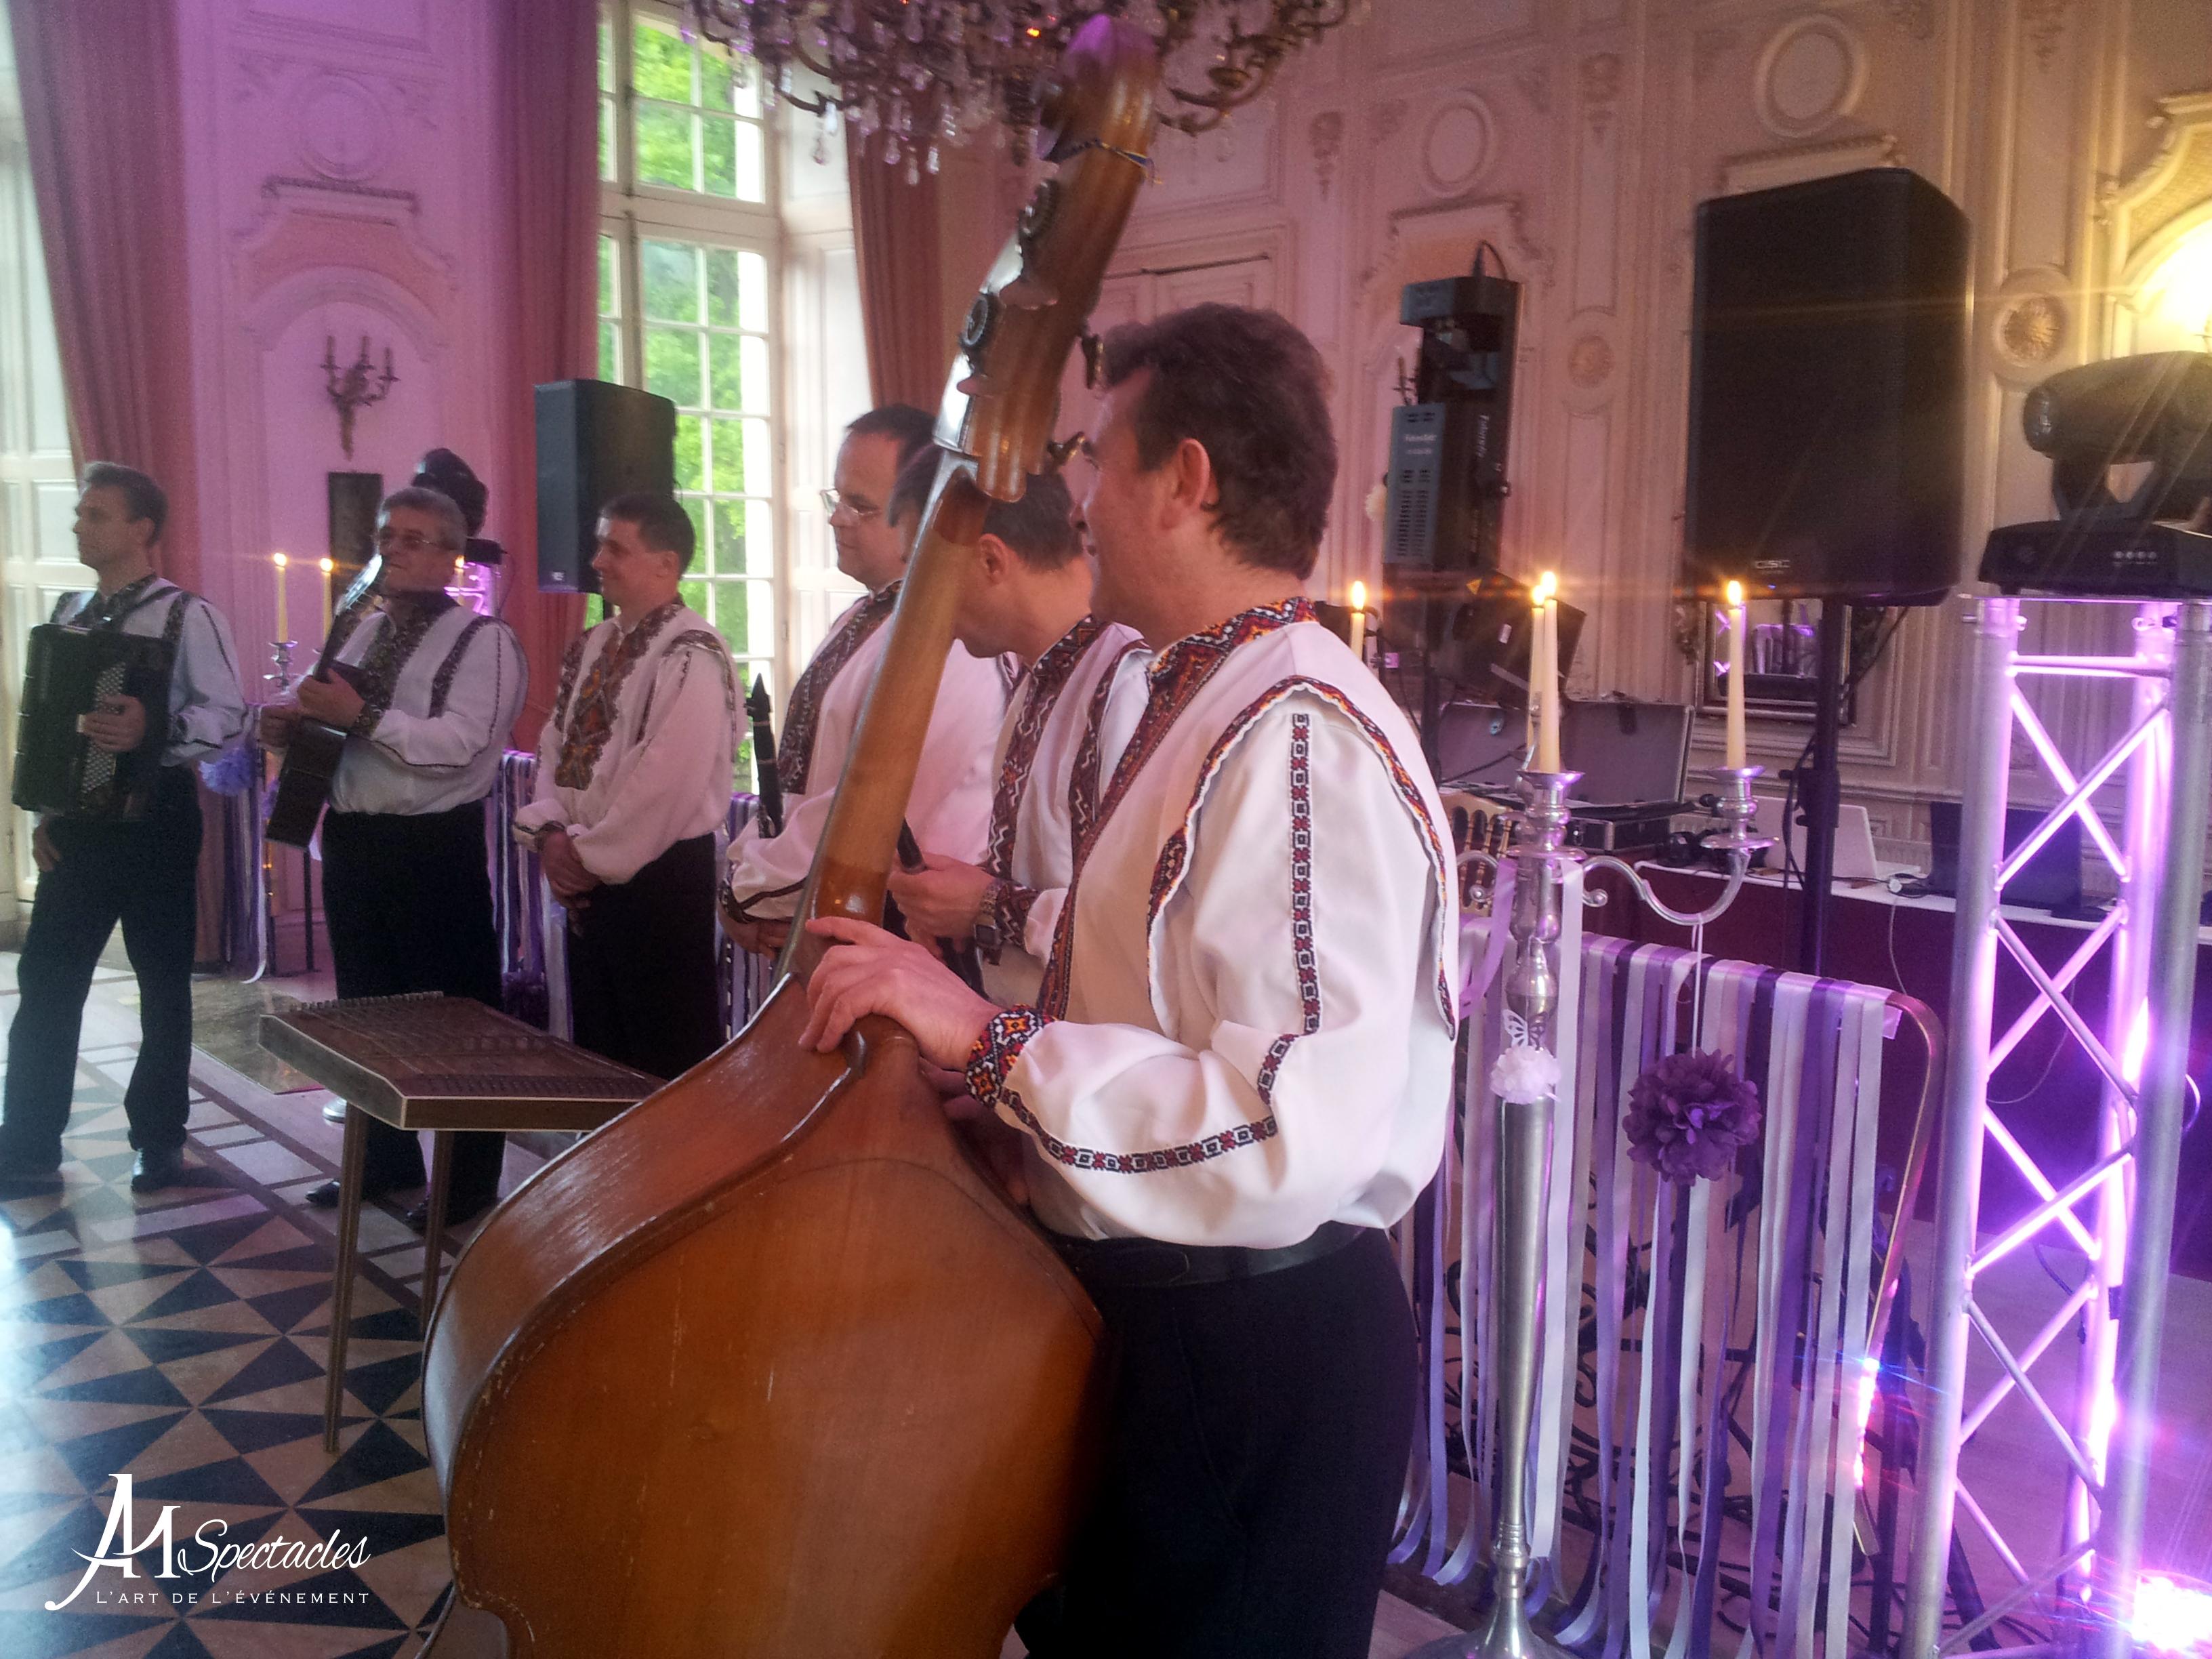 AM Spectacles Chateau d'ermenonville Orchestre ukrainien 5.jpg